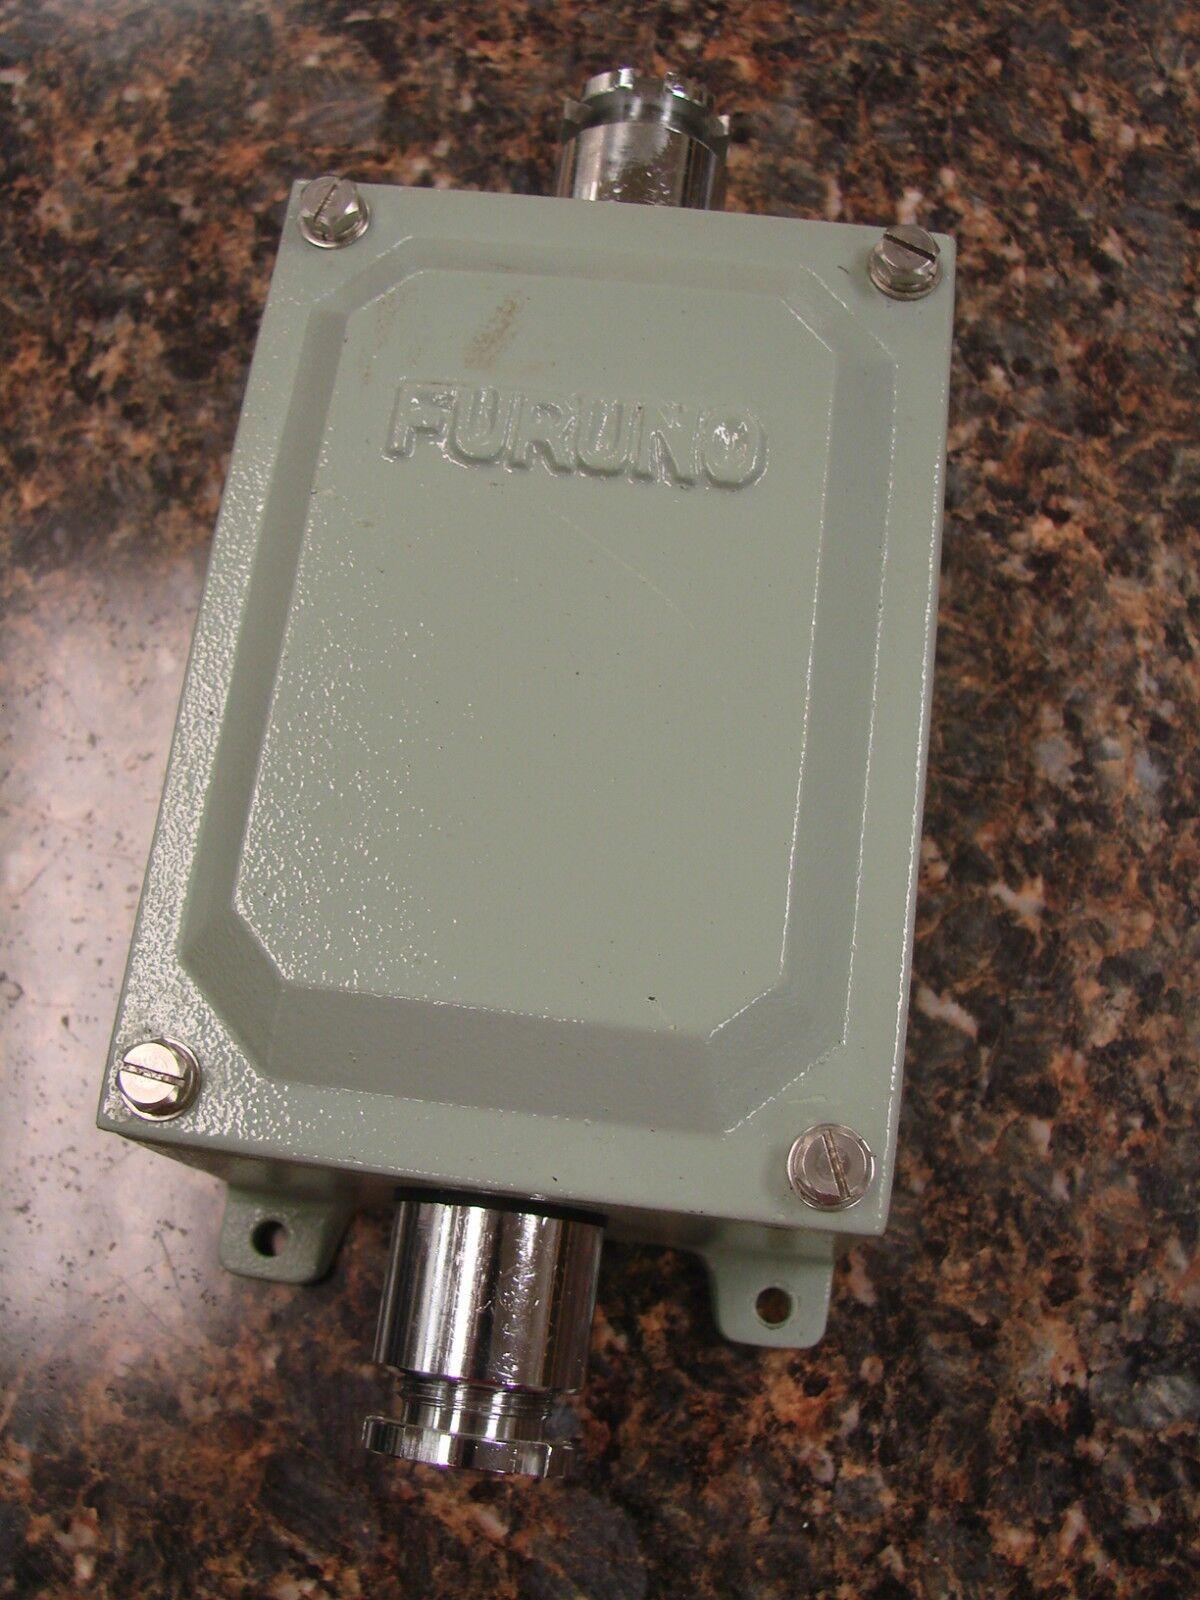 Furuno MB-502 Echo Sounder Matching Box, XDR 50B-6L